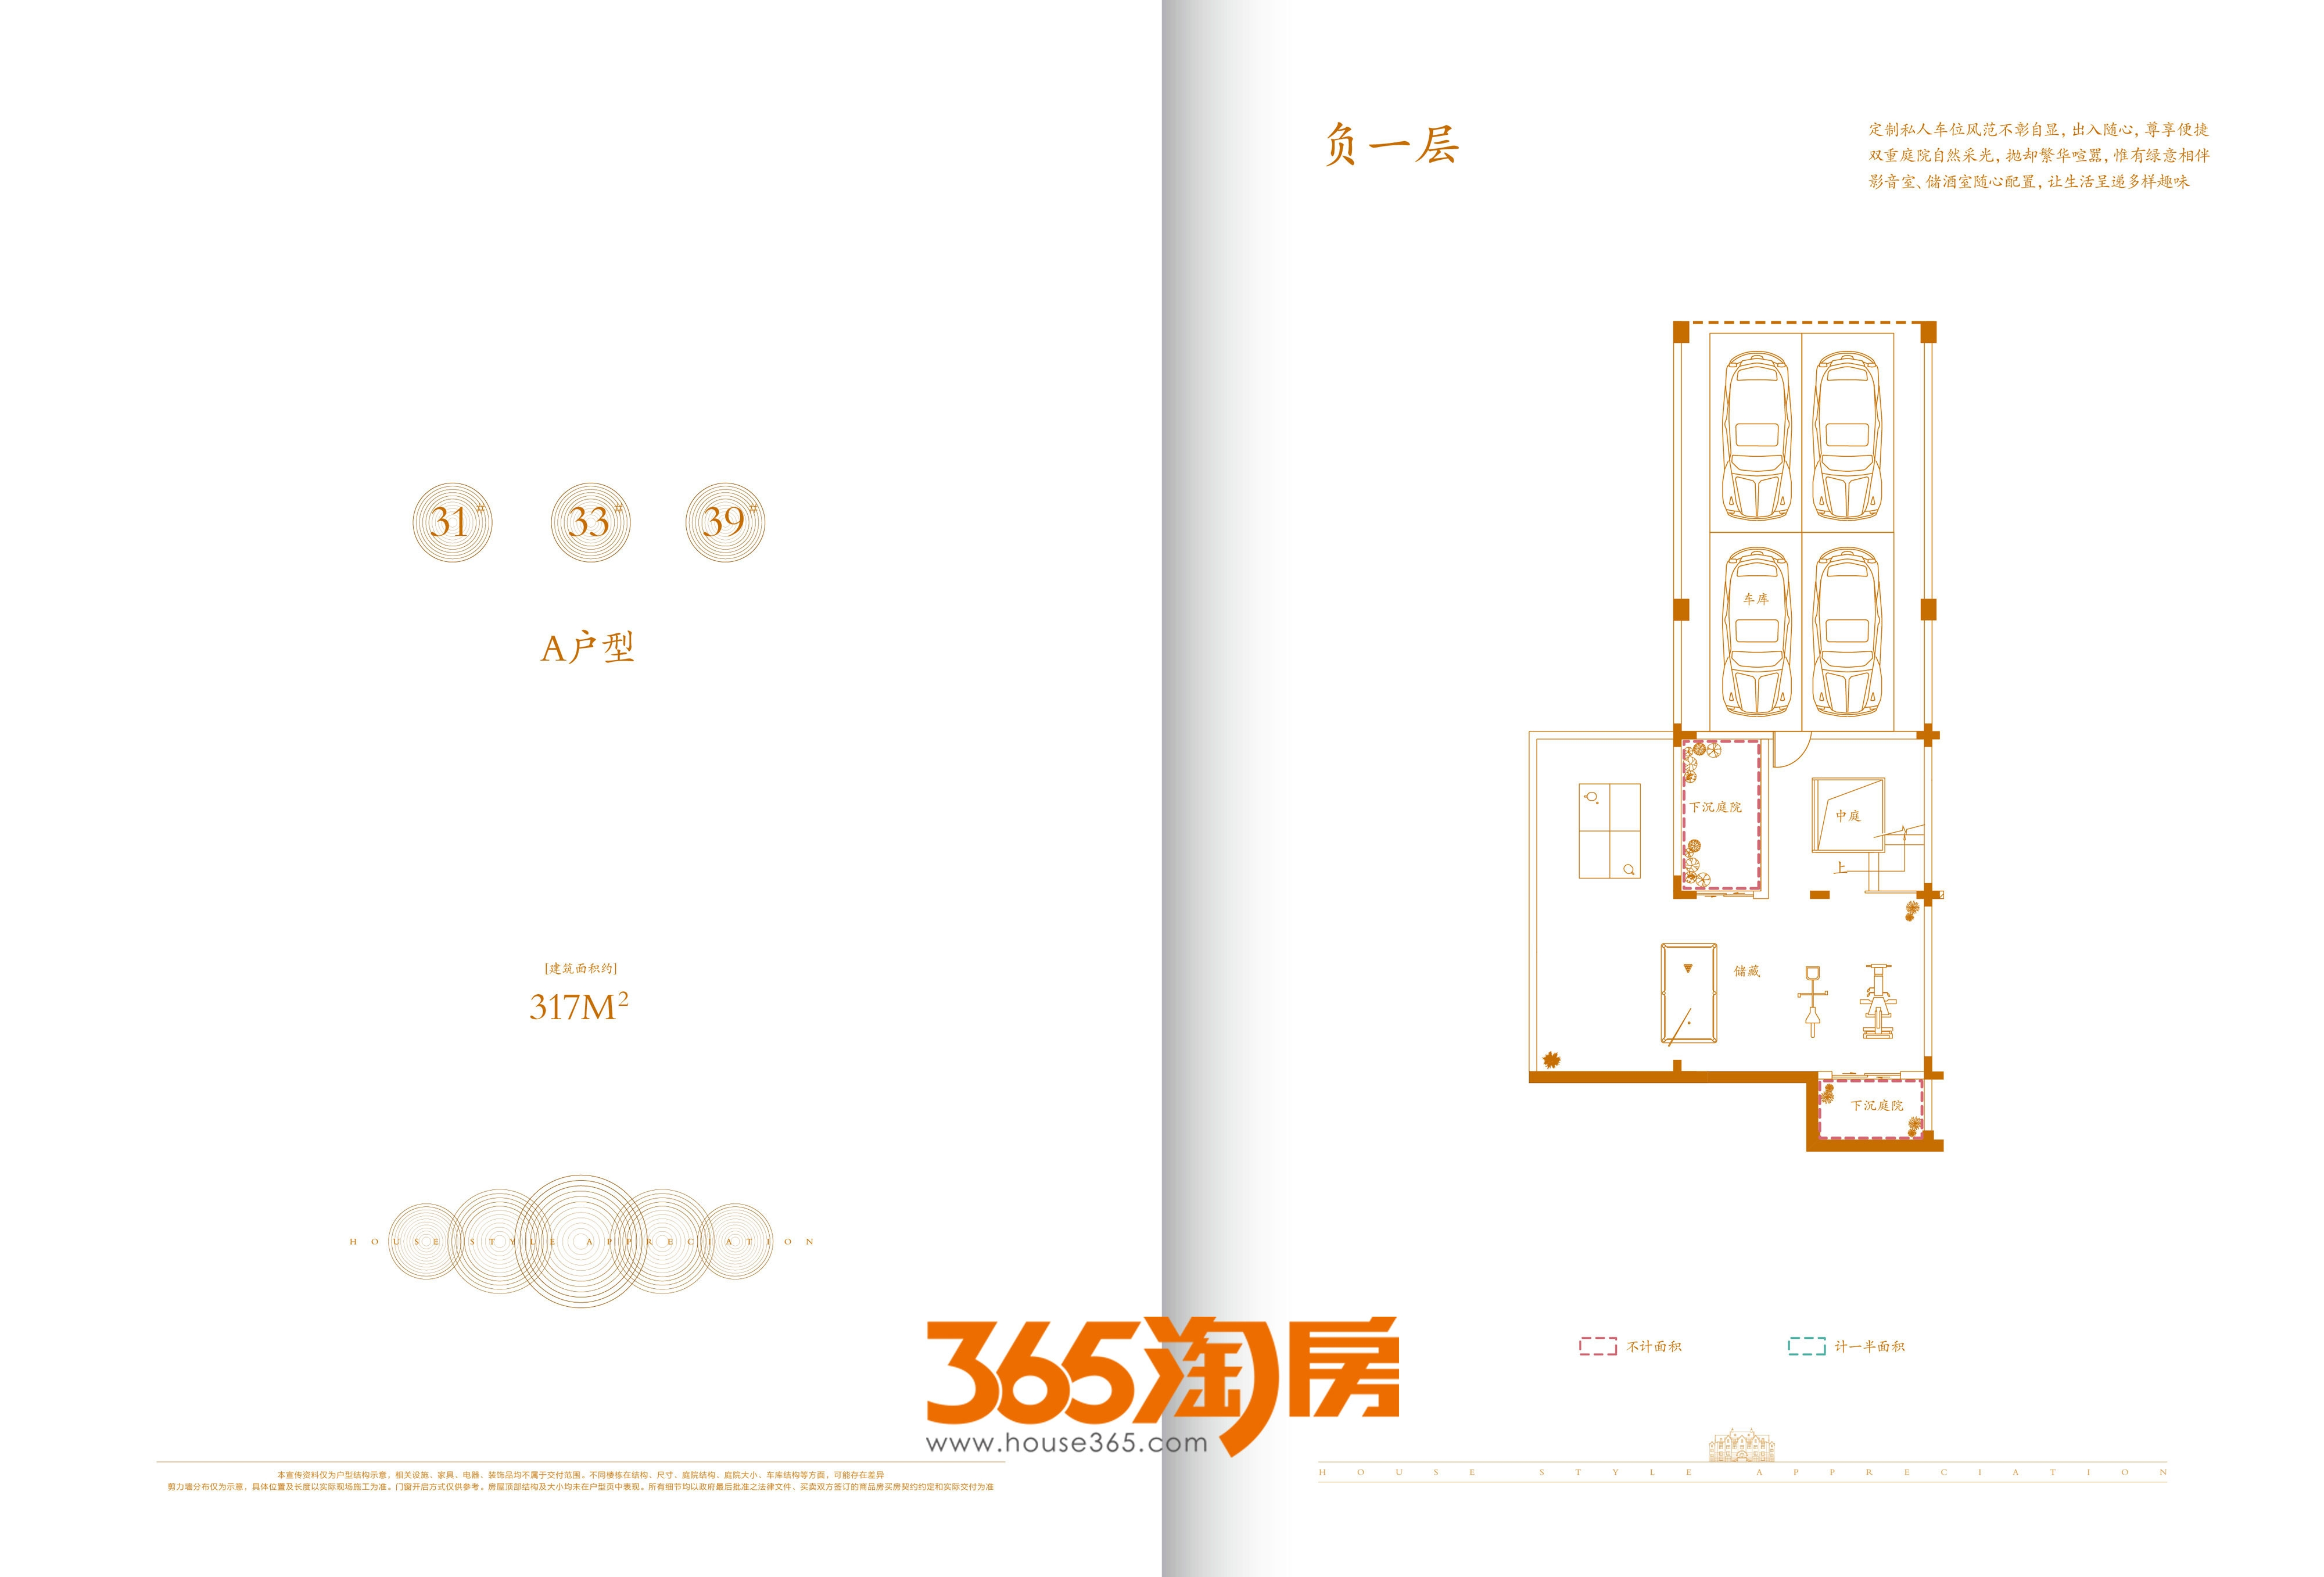 合肥云谷别墅317㎡负一层户型图